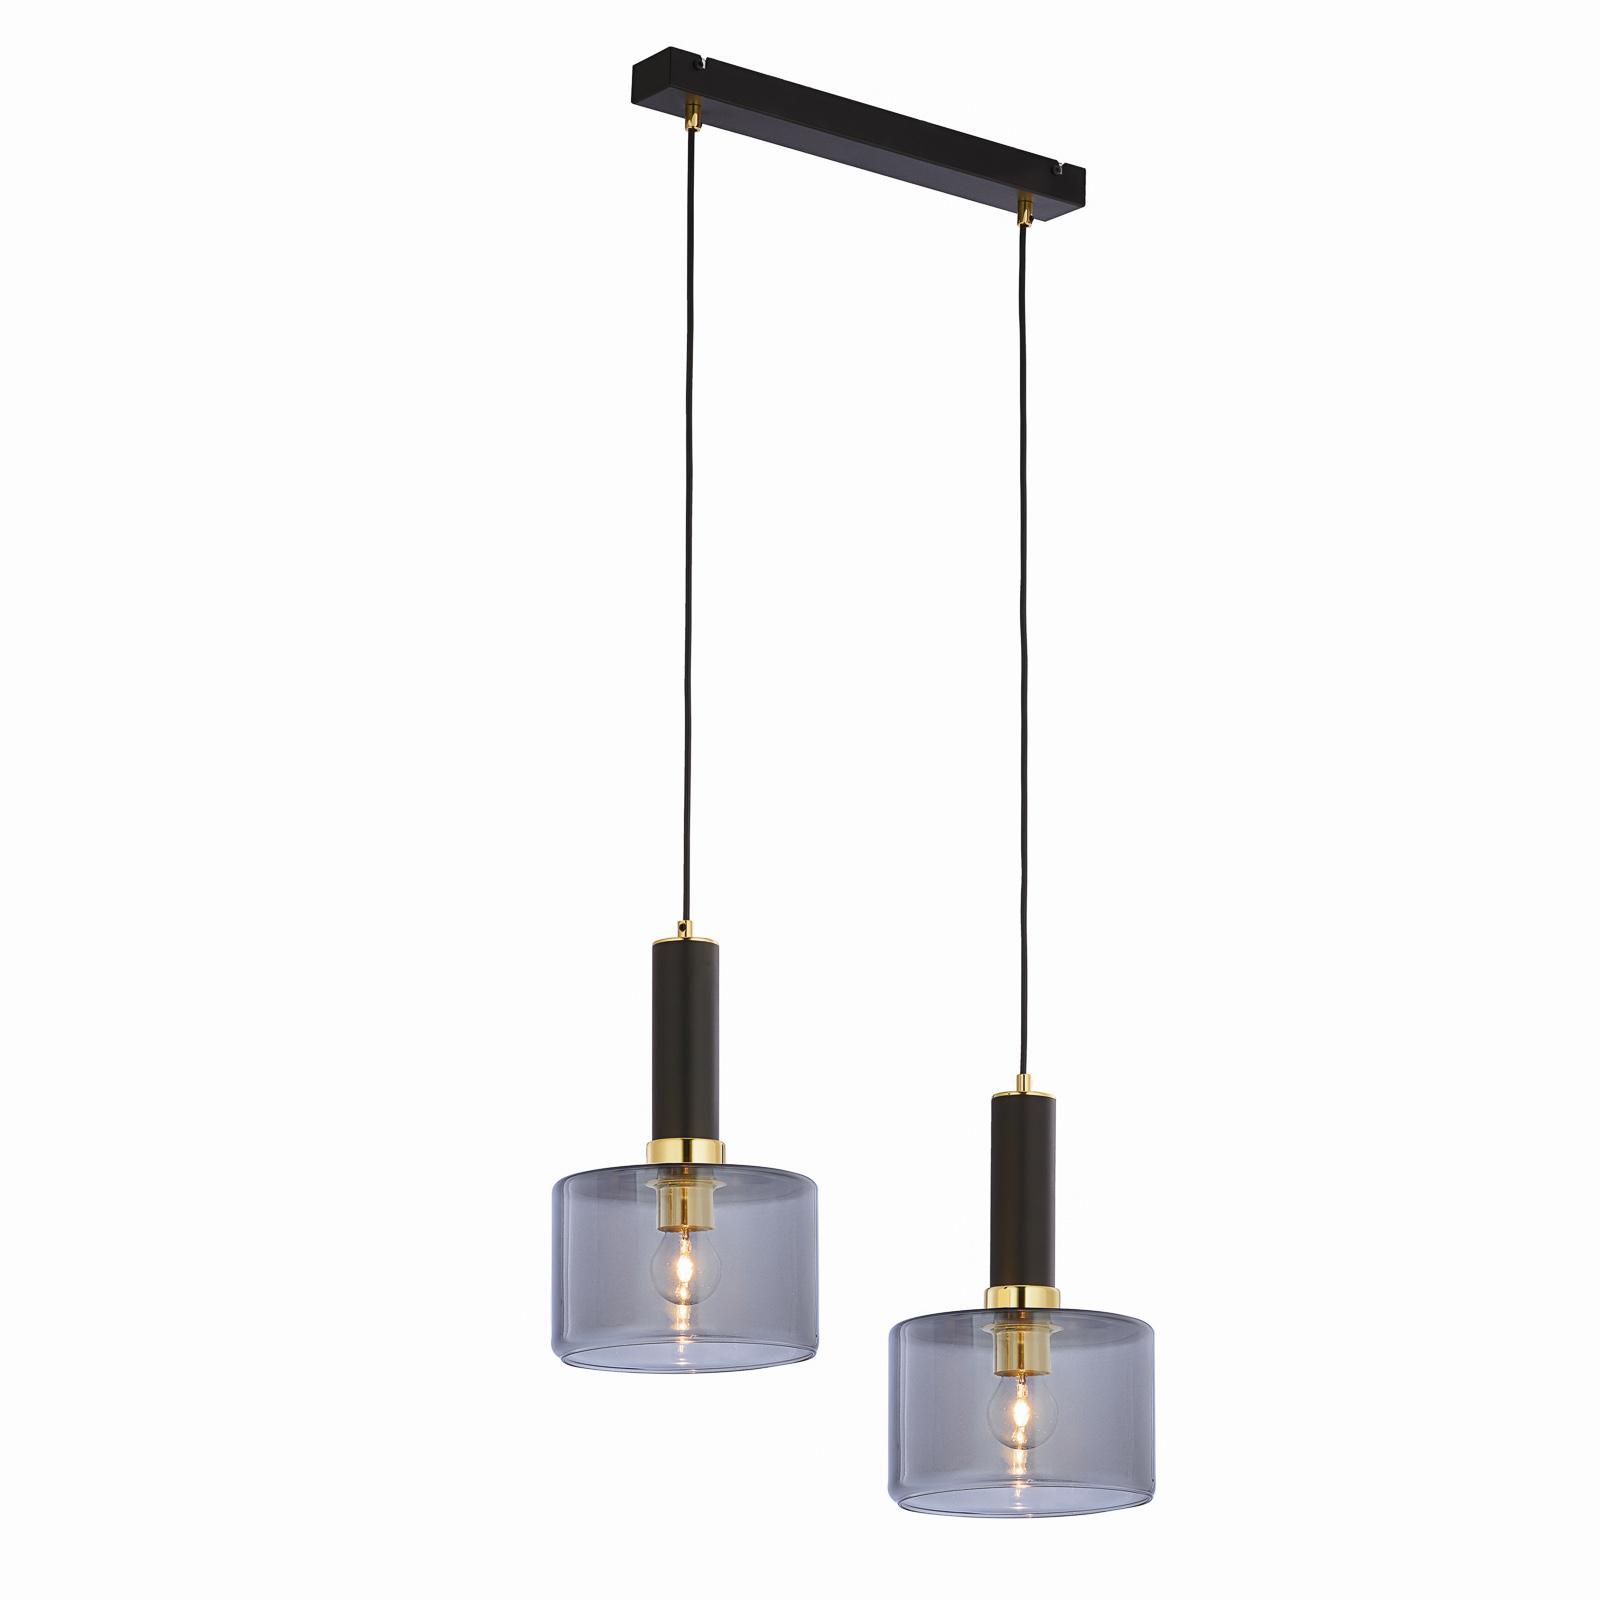 Suspension Viva, fumée/noire/laiton, 2 lampes